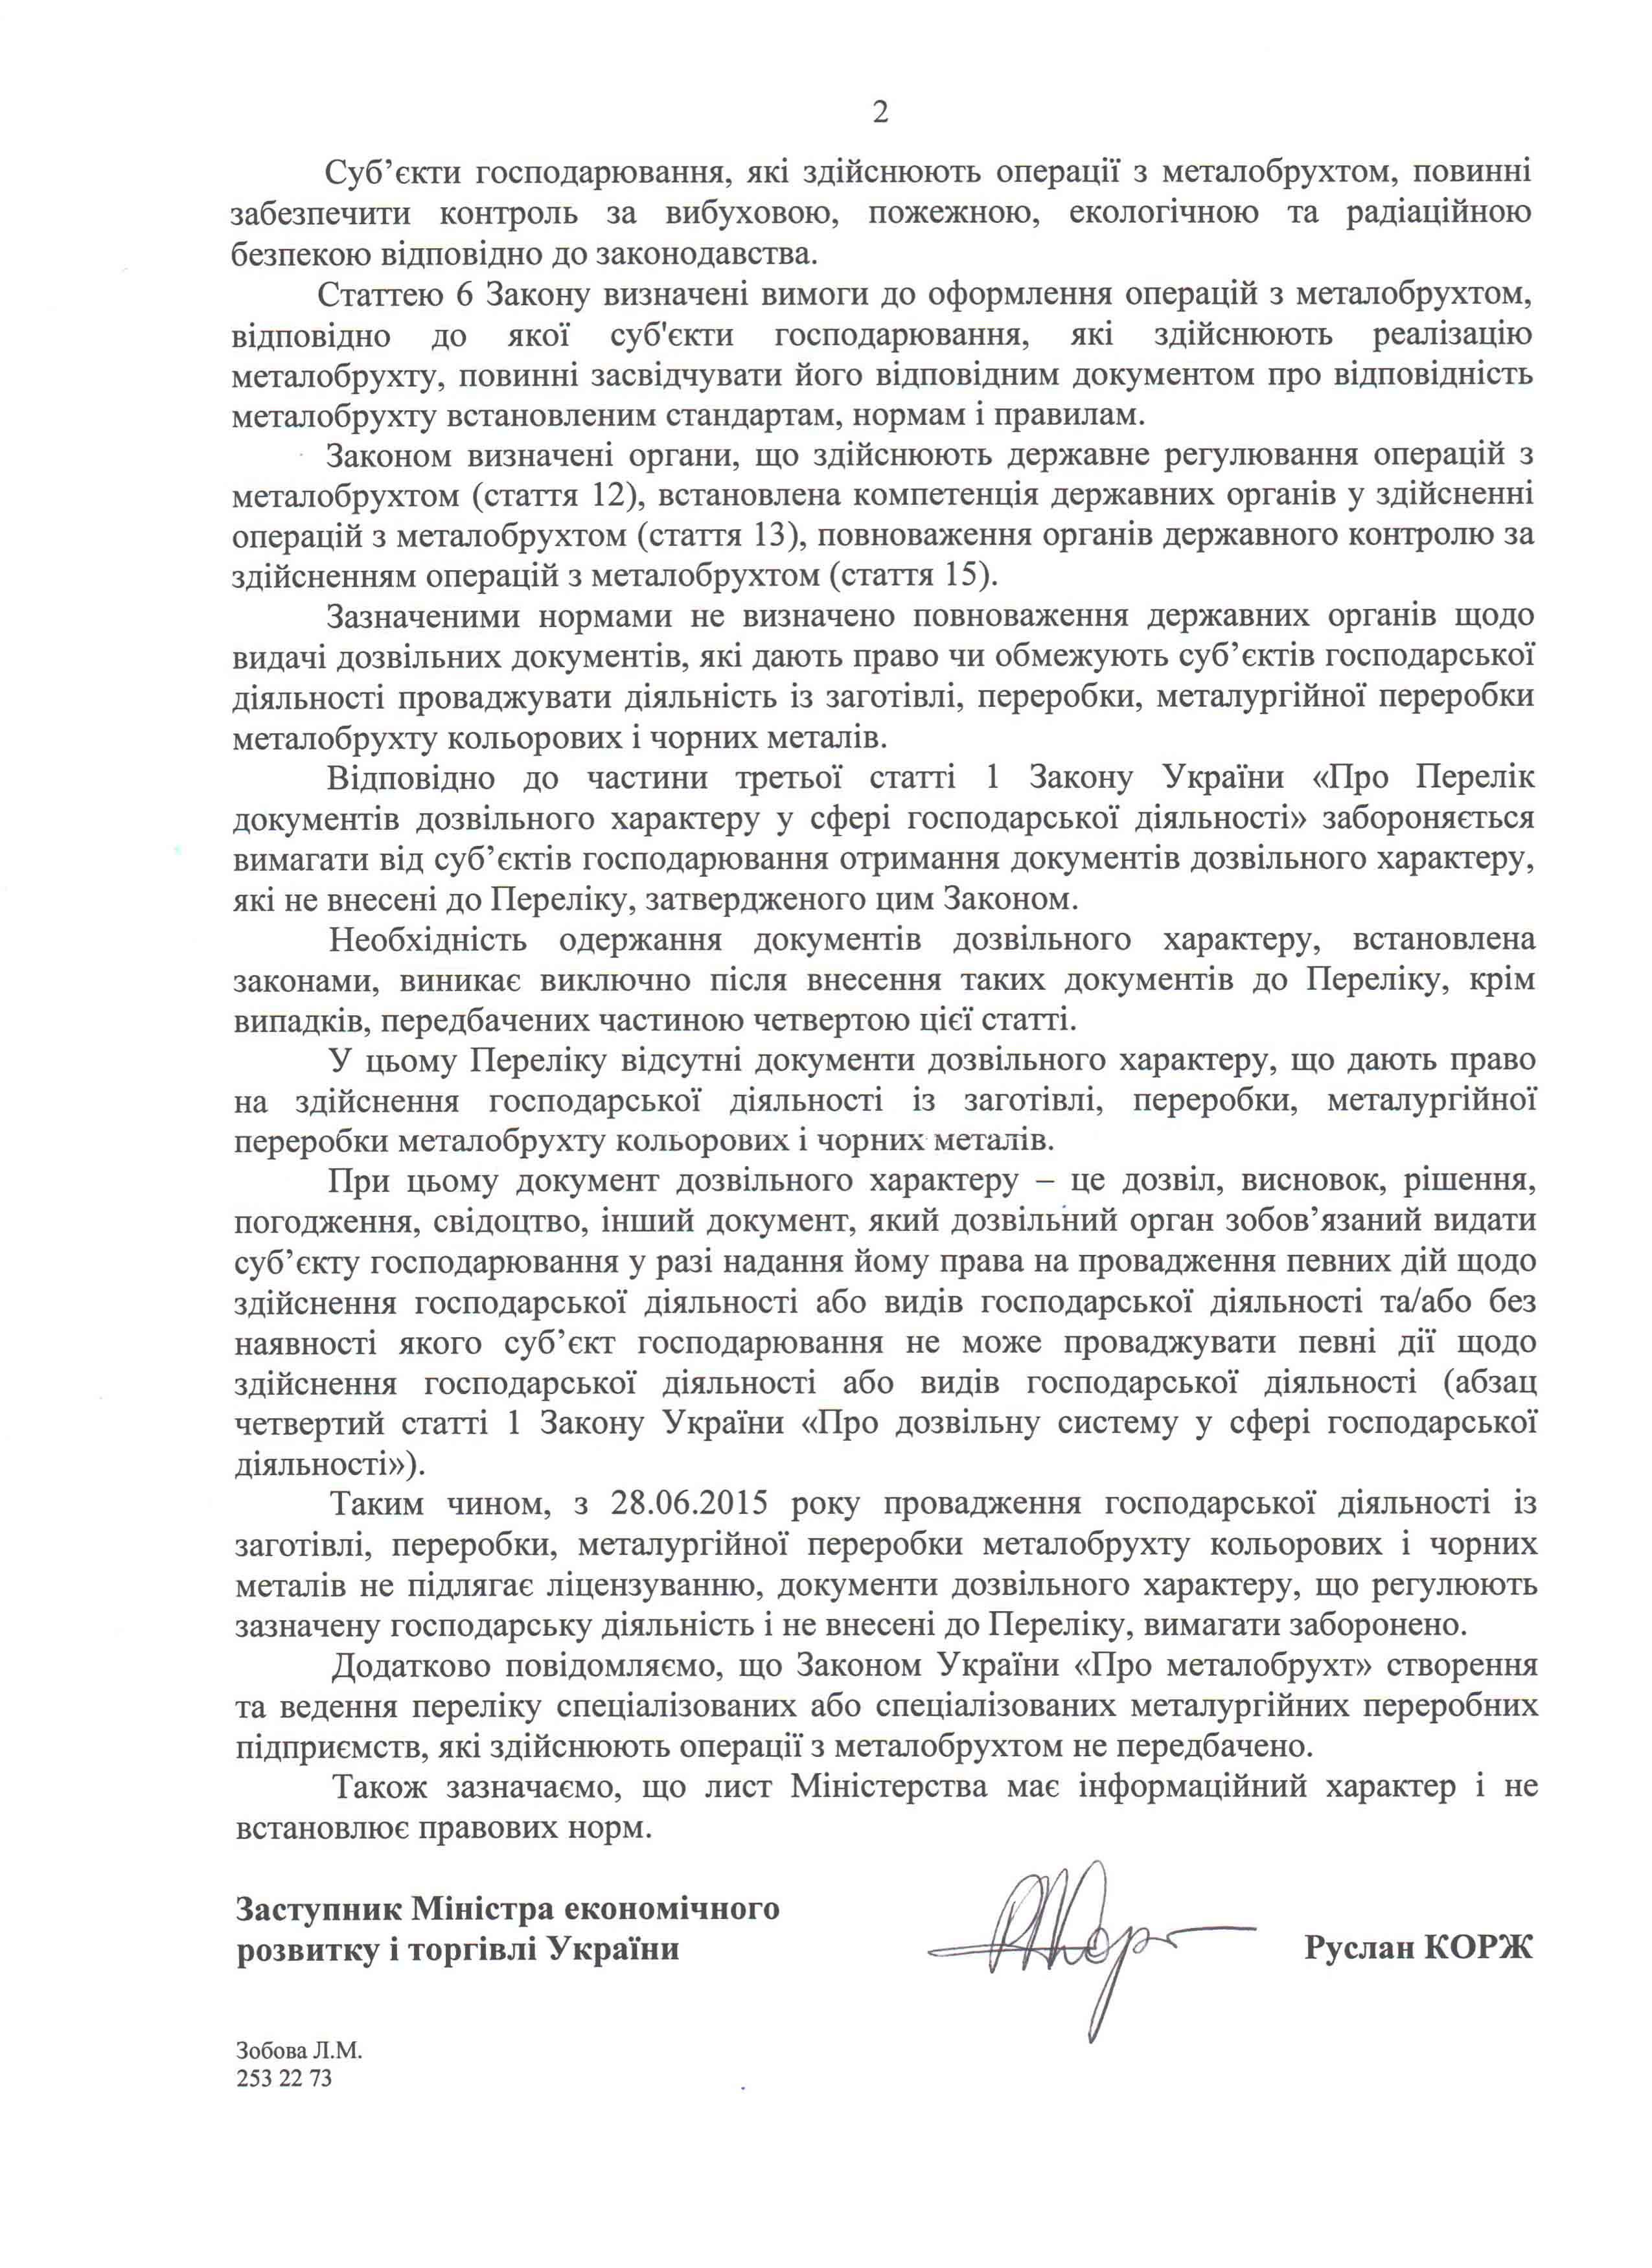 Разъяснения Минэкономразвития Украины относительно осуществления деятельности по работе с чёрными и цветными металлами 2 стр.